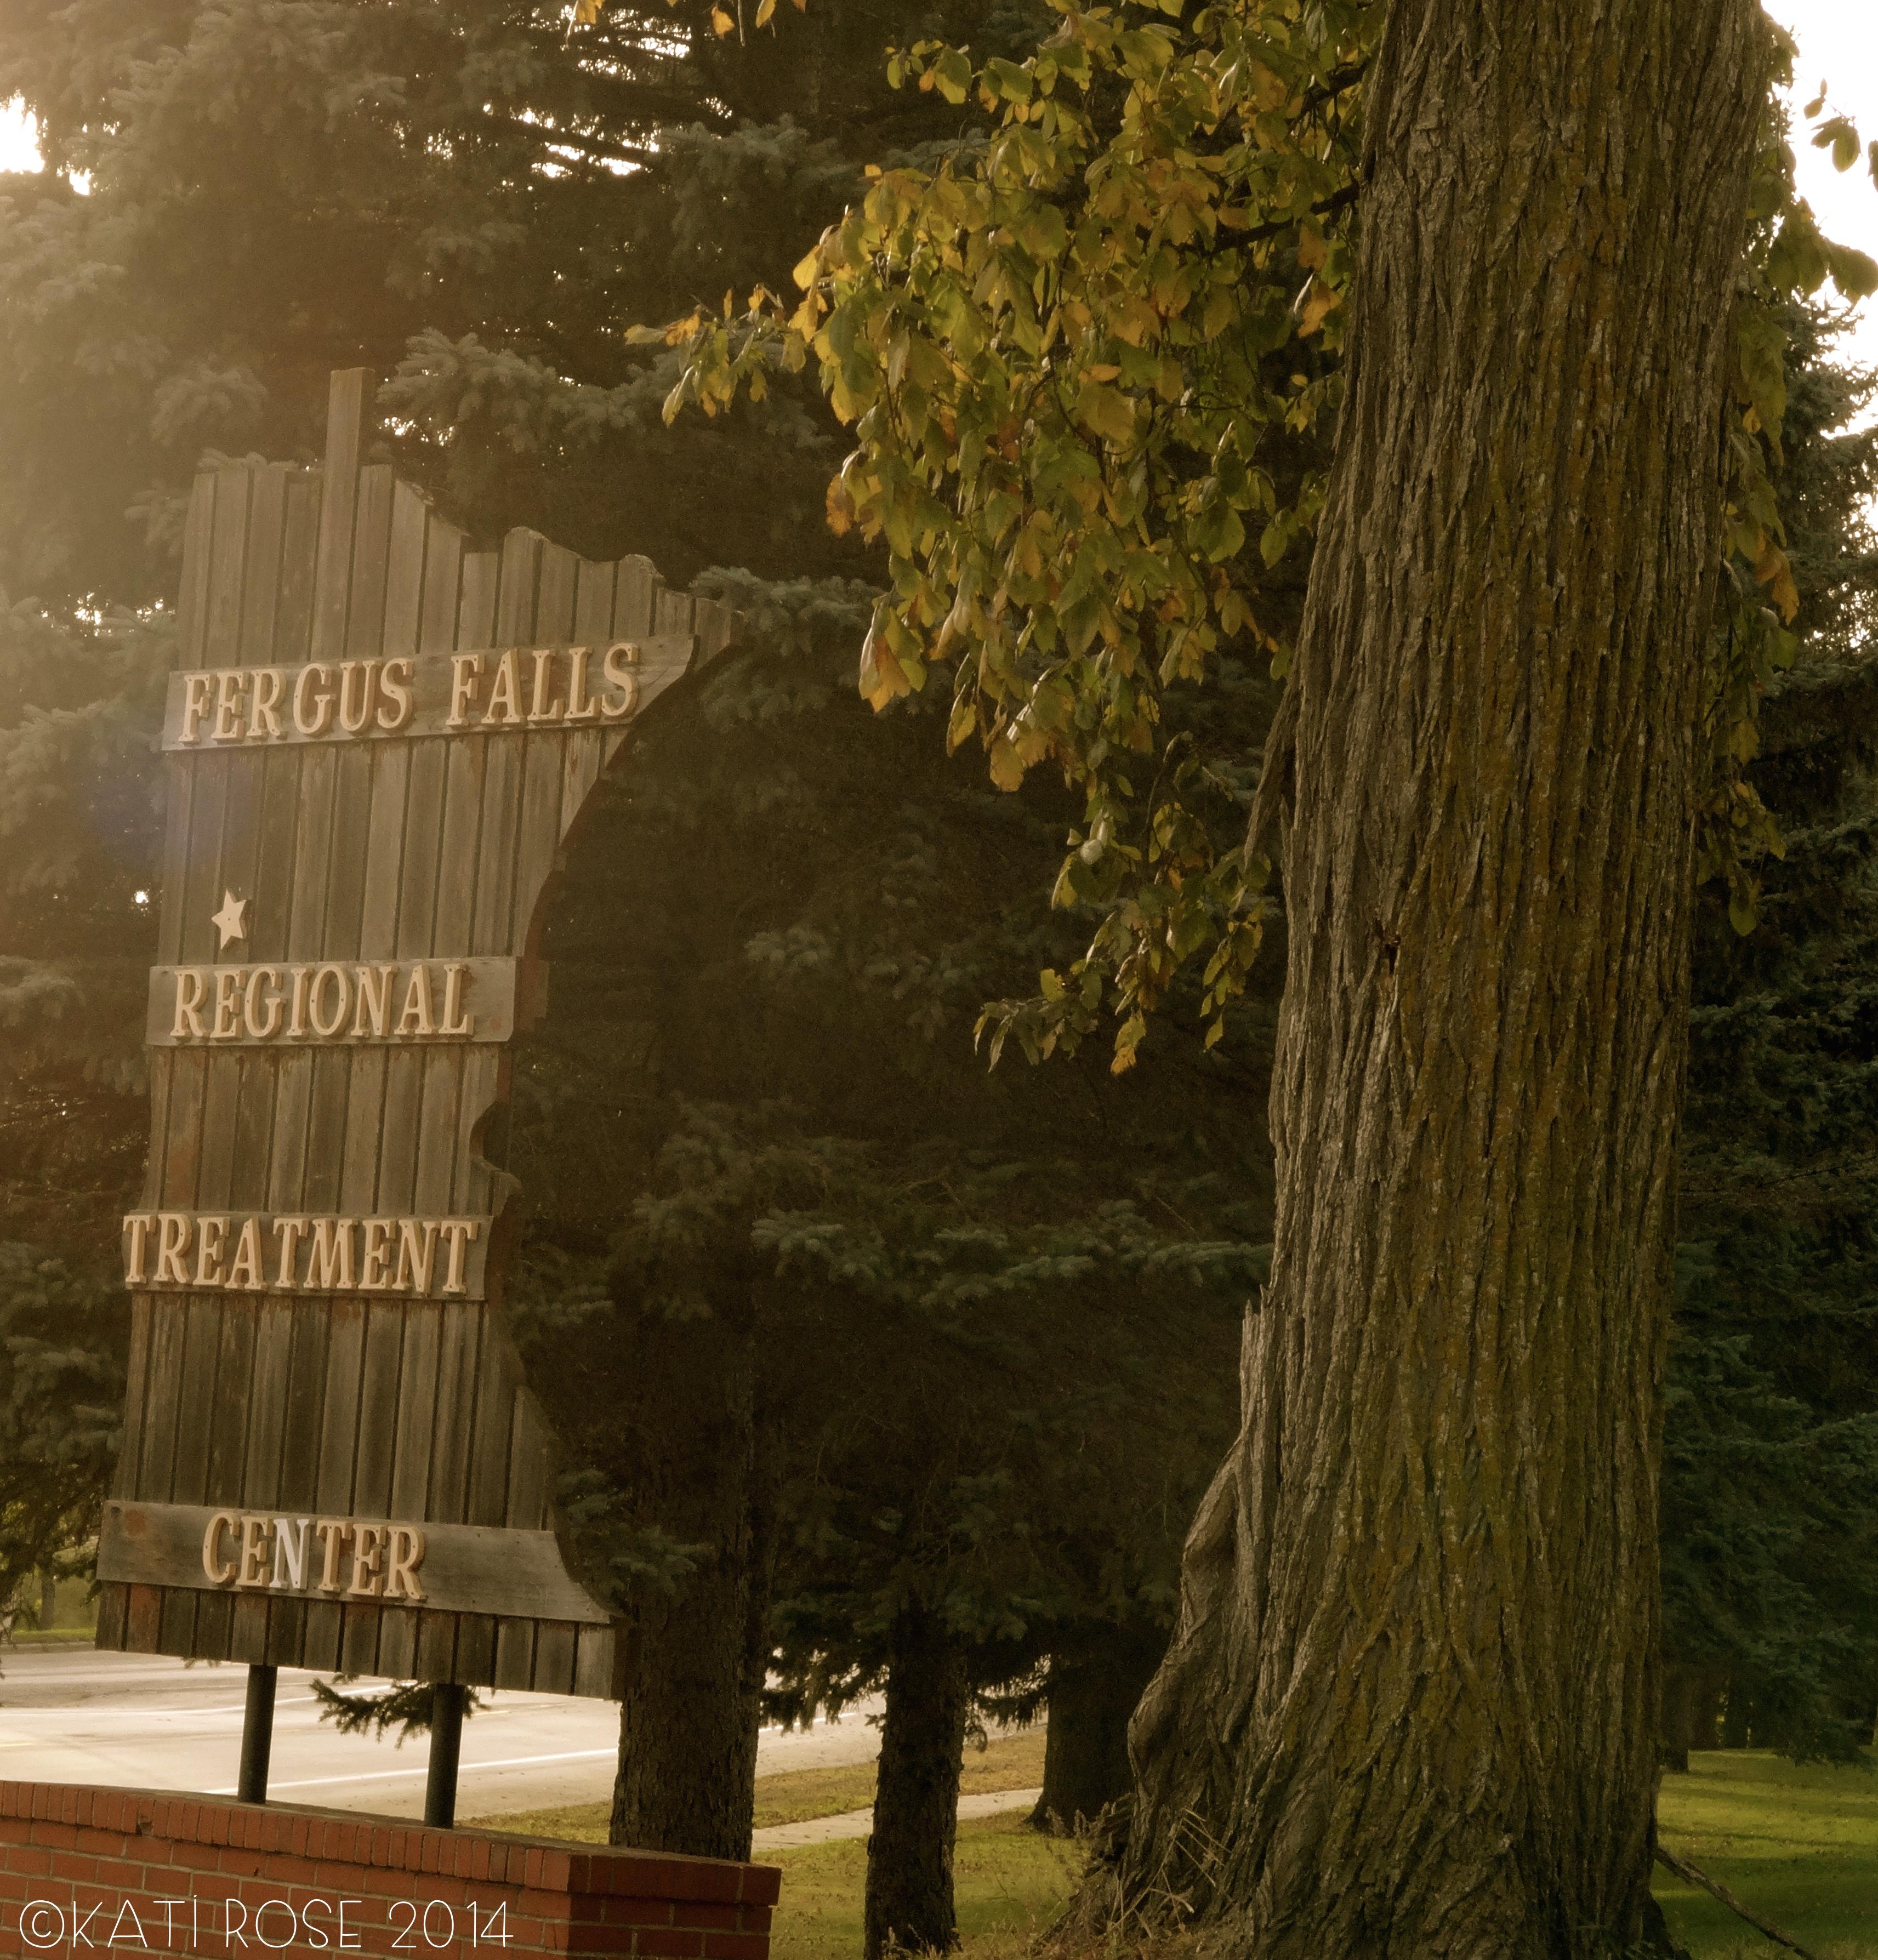 minnesota-fergus-falls-kirkbride